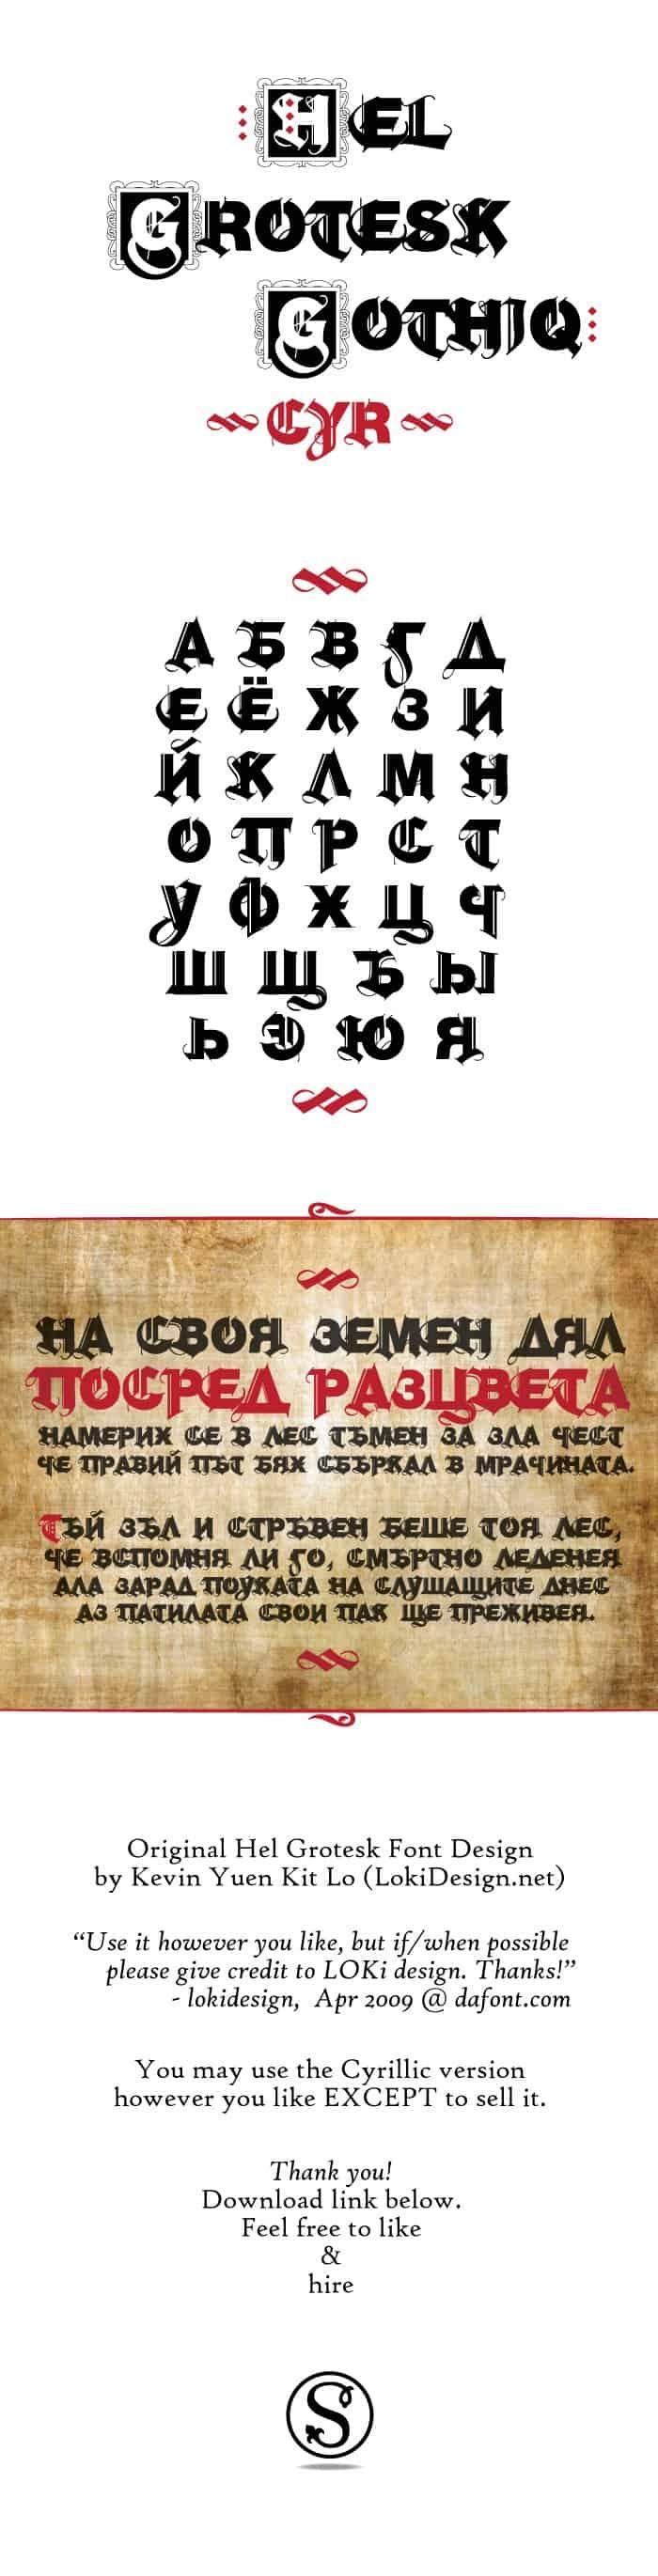 Download Hel Grotesk Gothiq Cyr font (typeface)